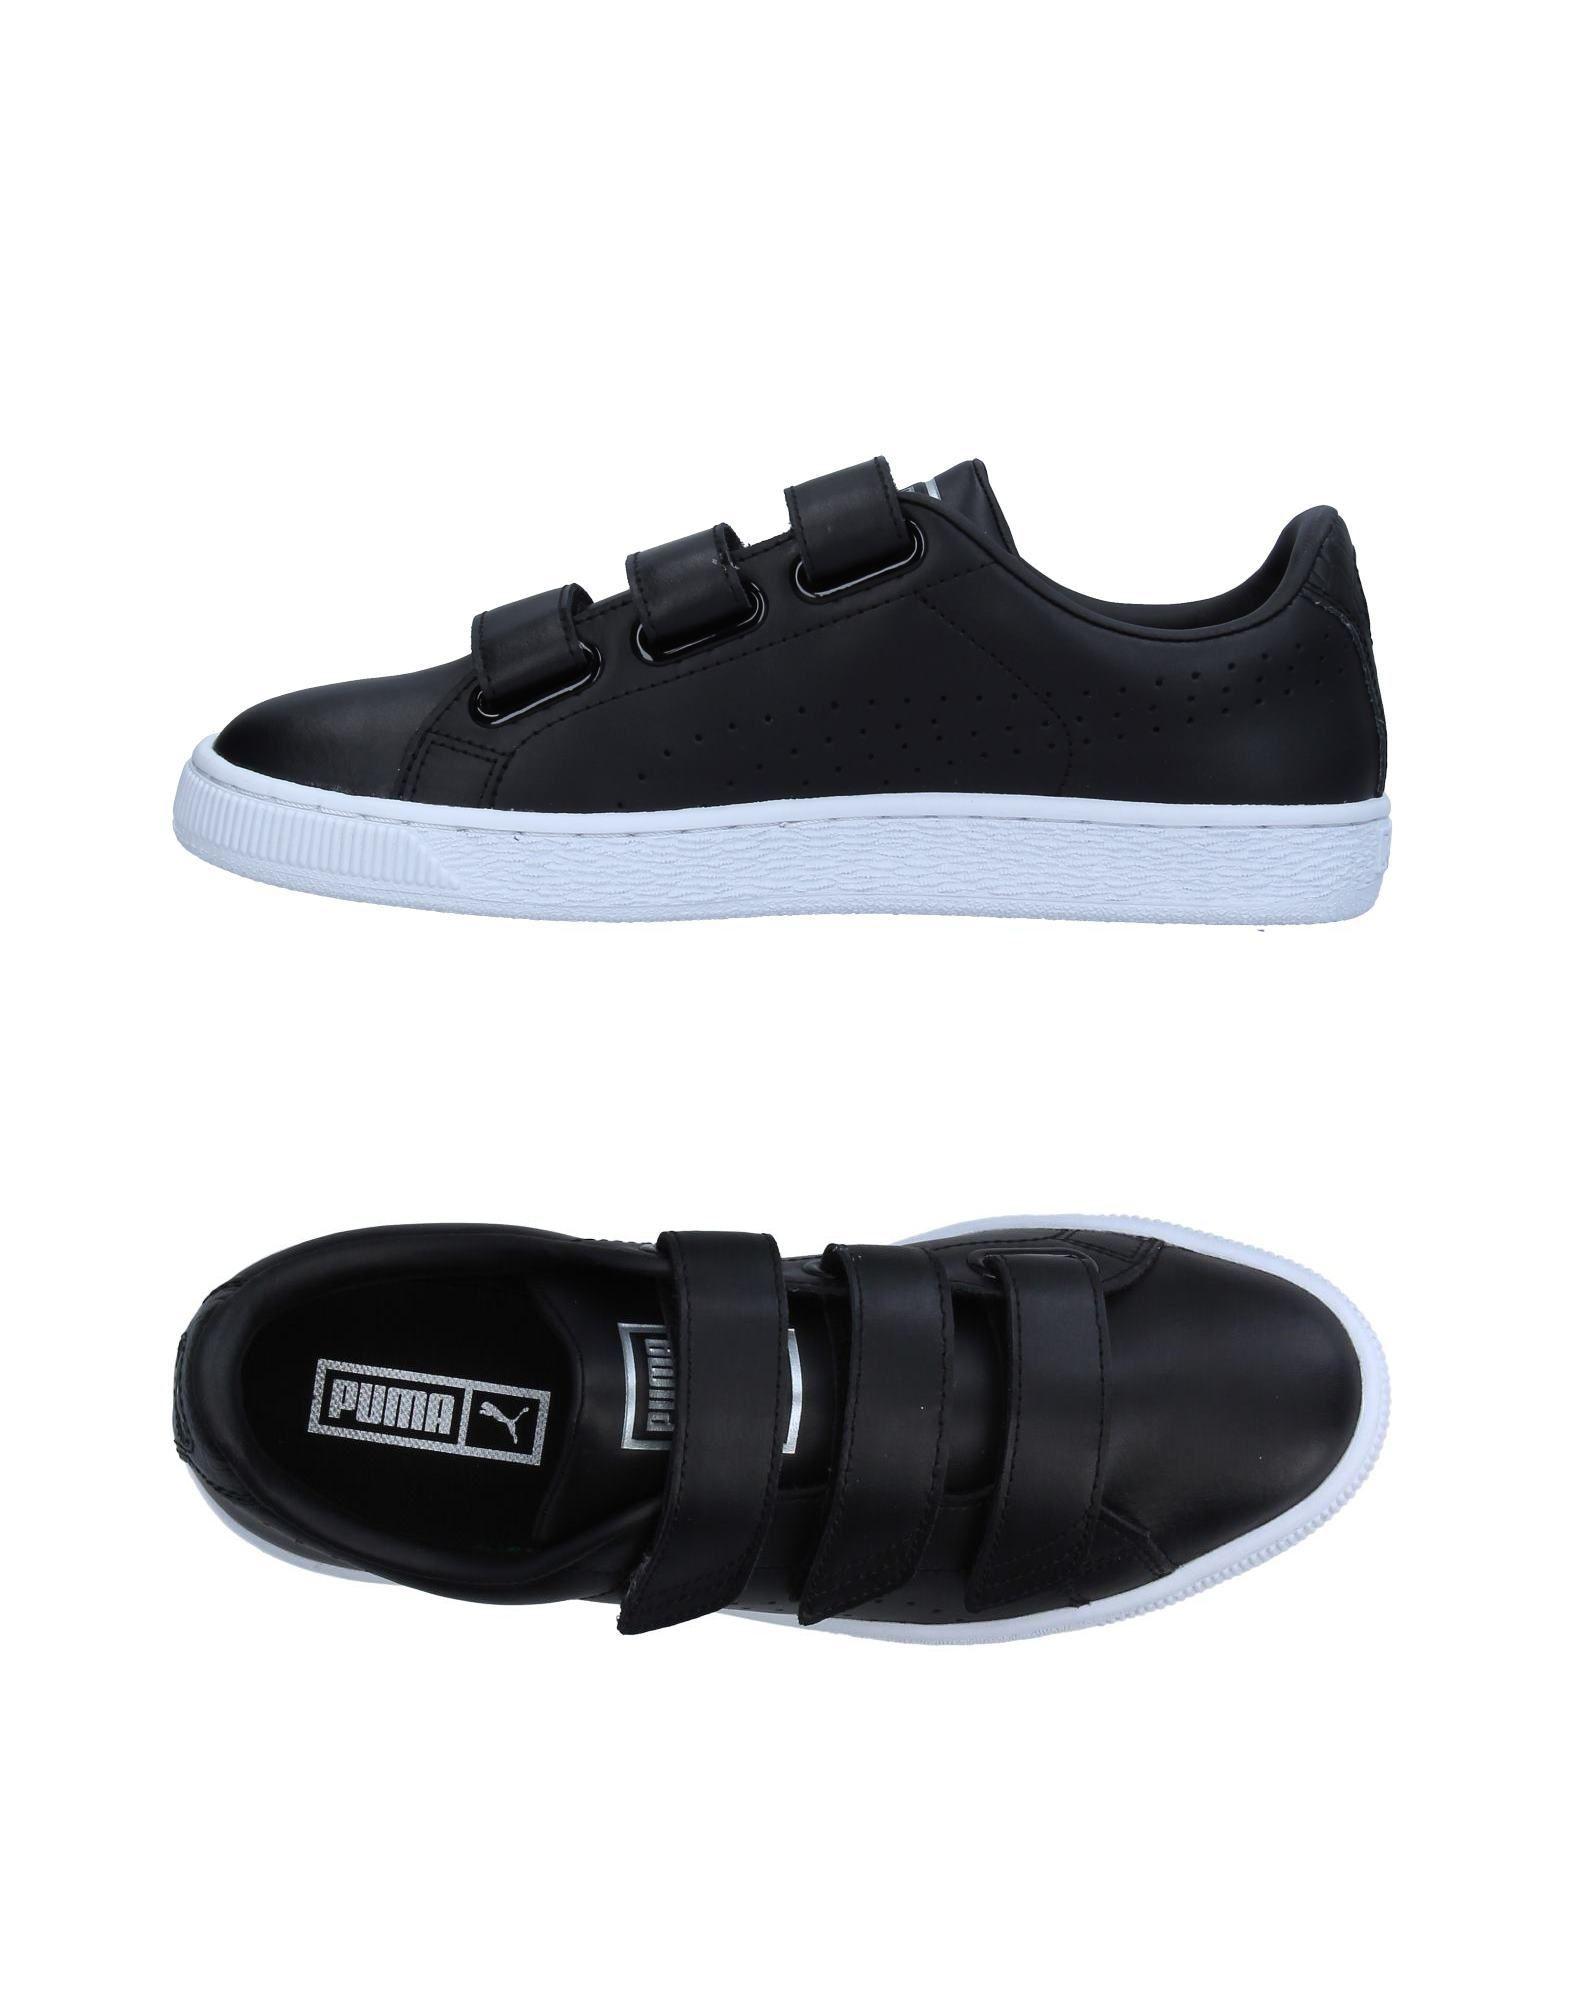 Puma Sneakers - Women - Puma Sneakers online on  Canada - Women 11333649VX 2466b1